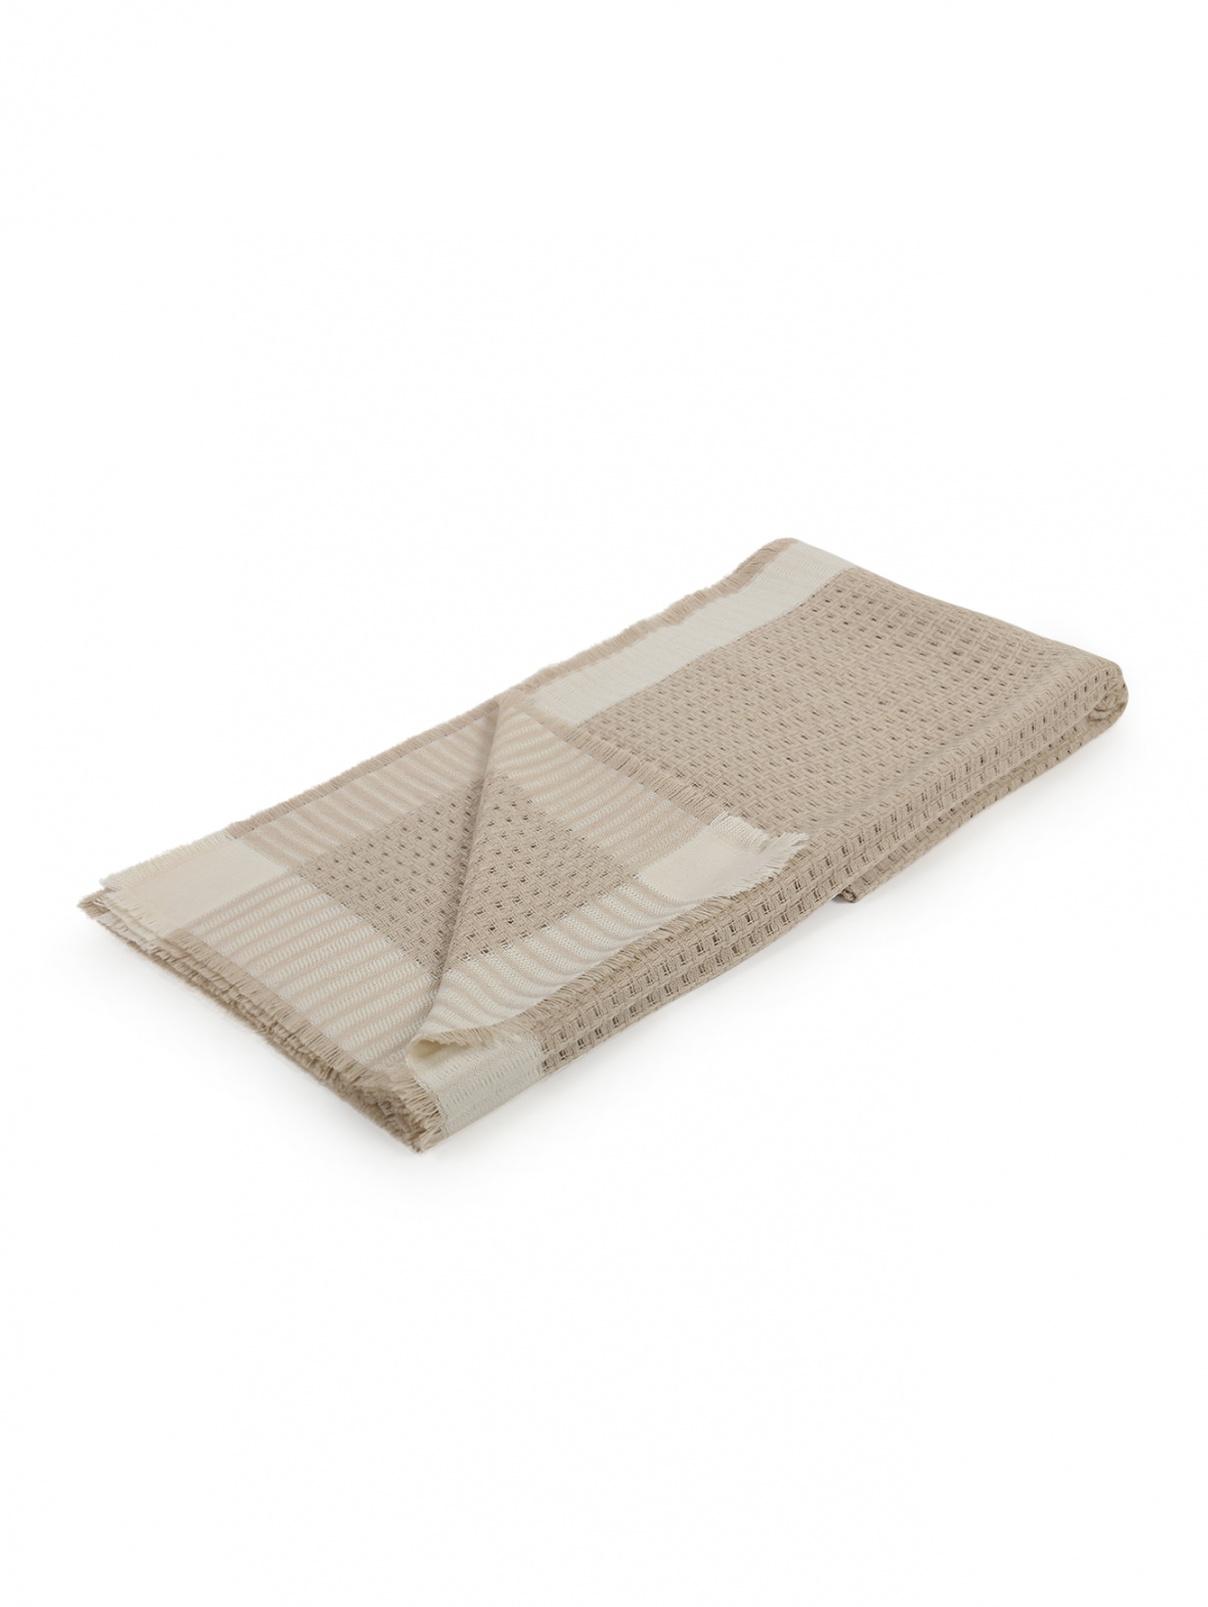 Плед из фактурной шерстяной ткани с бахромой 140 x 200 Agnona  –  Общий вид